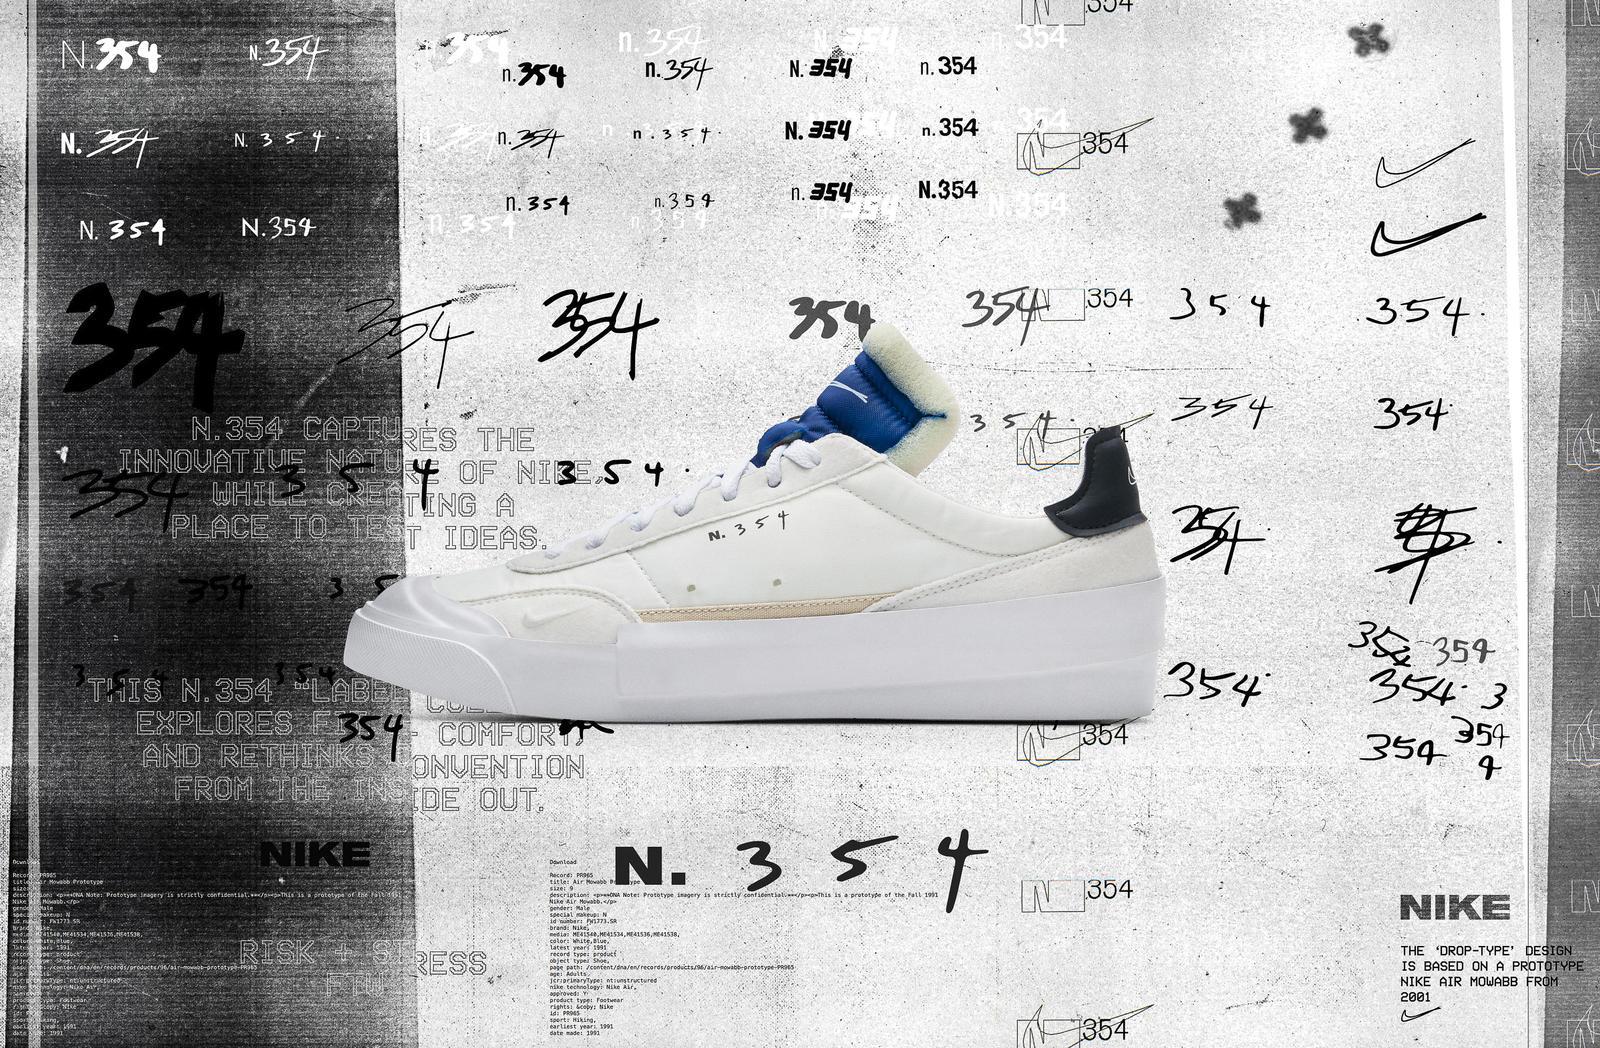 NikeNews_NSW_N.354_native_1600.jpg